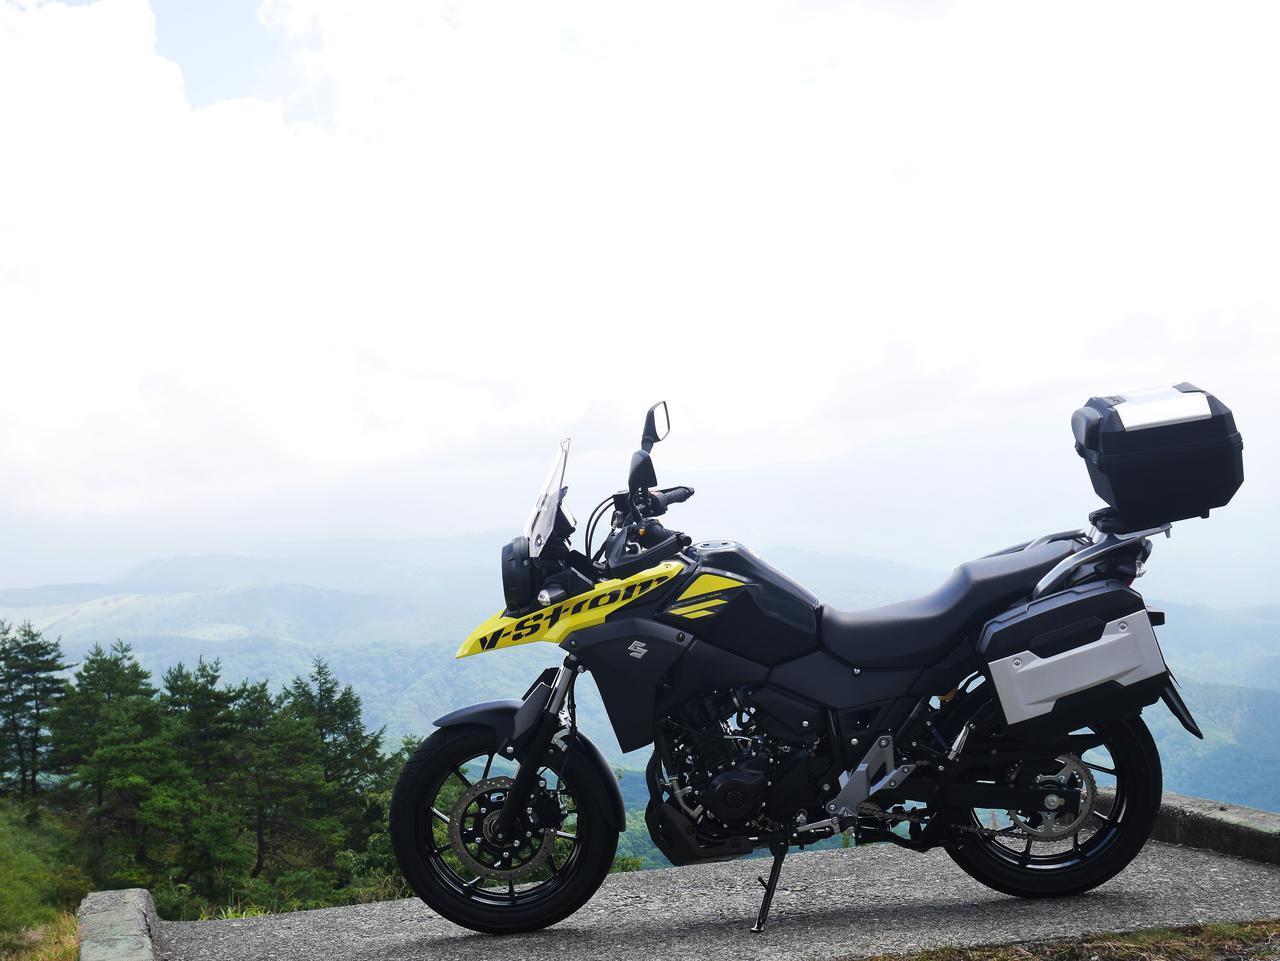 画像: 250cc最強の荷物積載力!『Vストローム250』でキャンプツーリングはできるのか? - スズキのバイク!